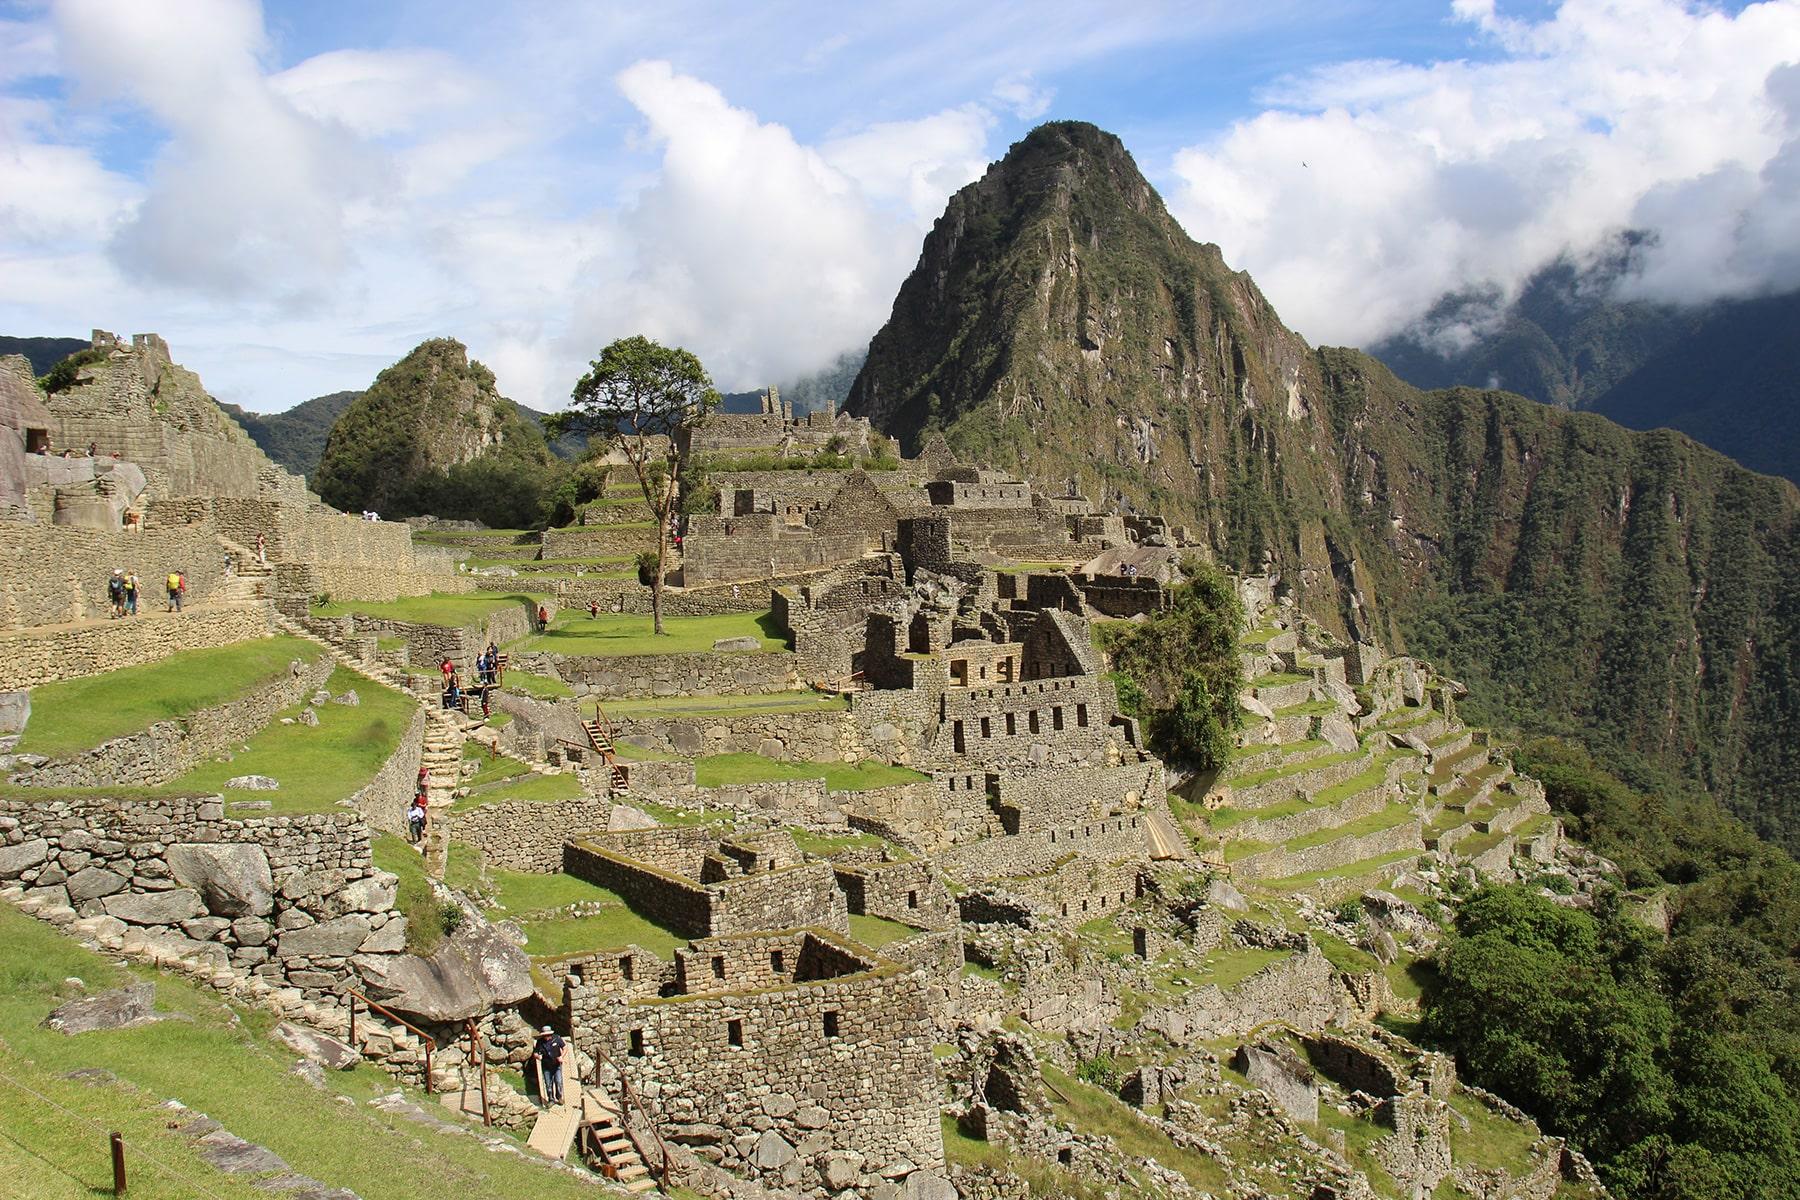 Vista di Macchu Picchu